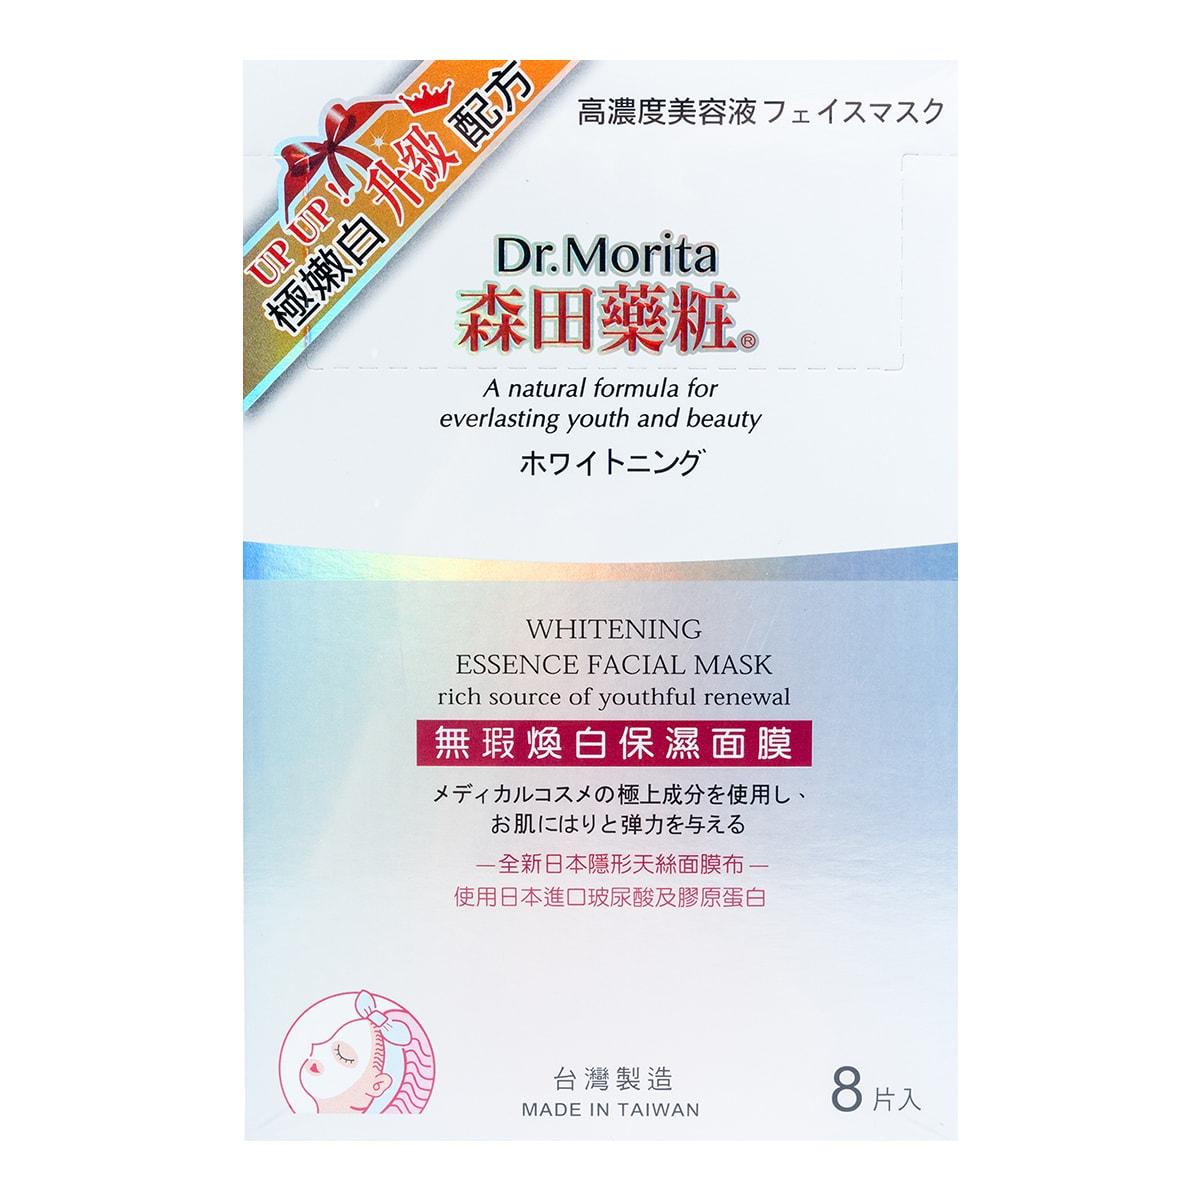 台湾DR.MORITA森田药妆 高浓度美容液无瑕焕白保湿面膜8片入